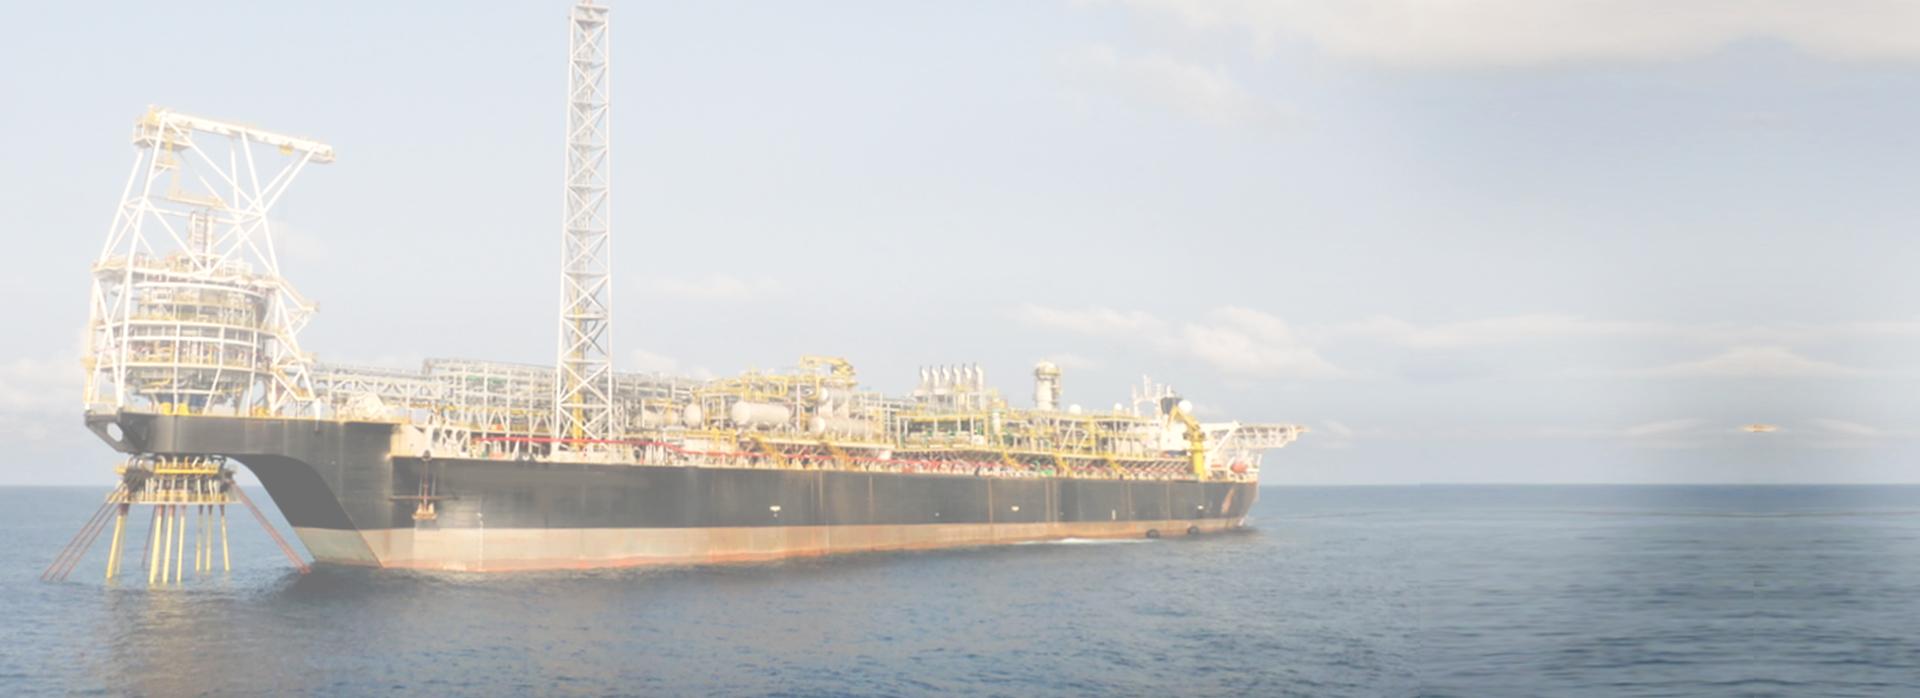 BW Offshore Espoir Ivoirien FPSO - ASOM